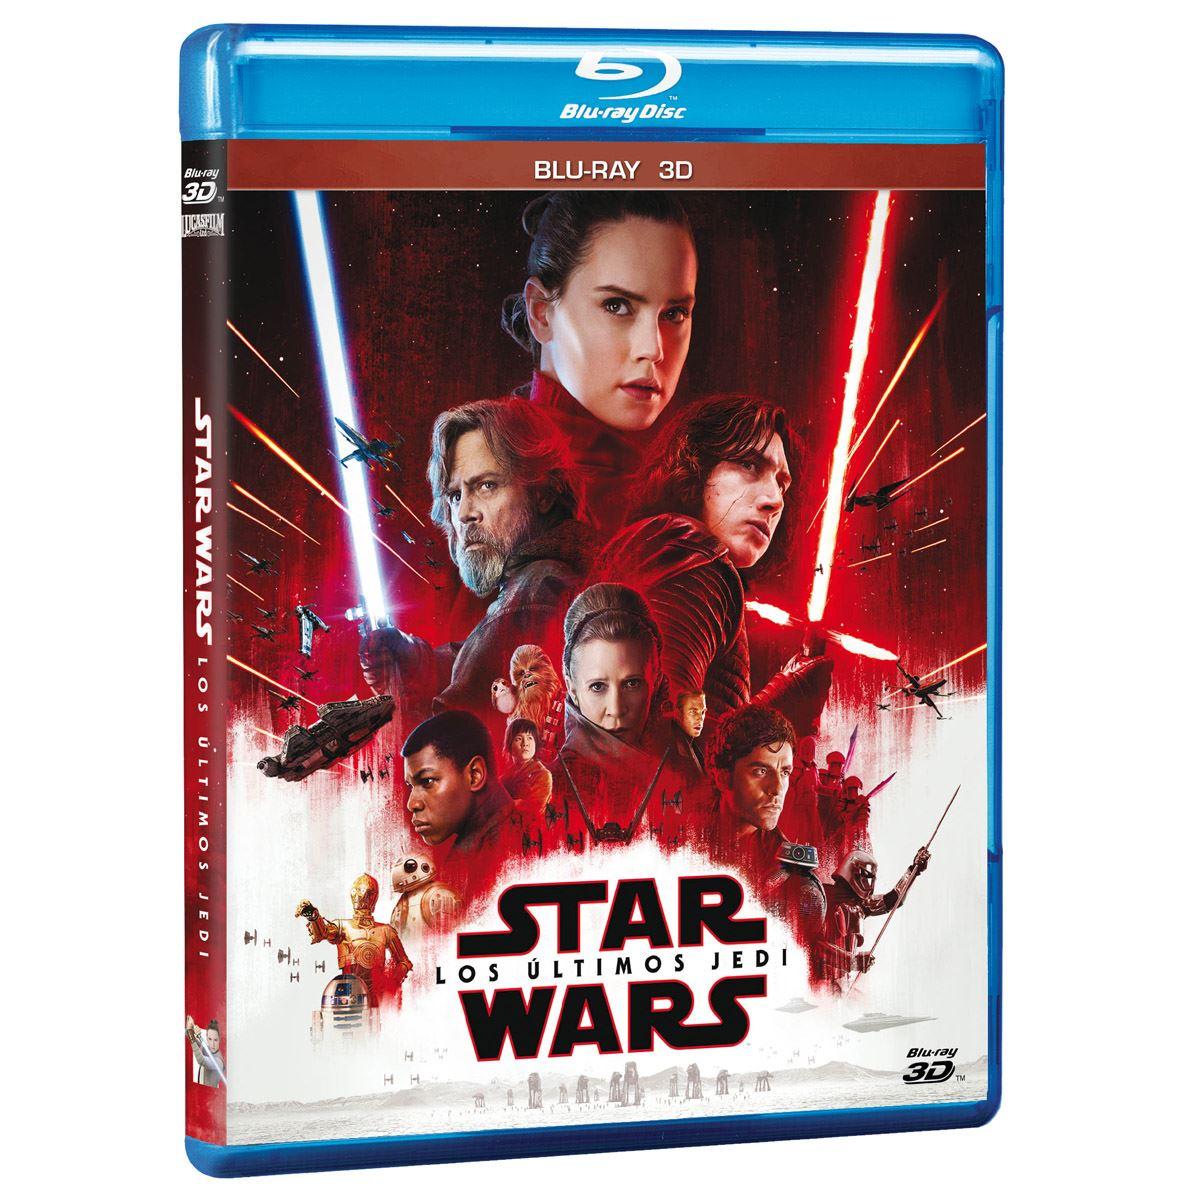 BR 3D Star Wars: Los Últimos Jedi